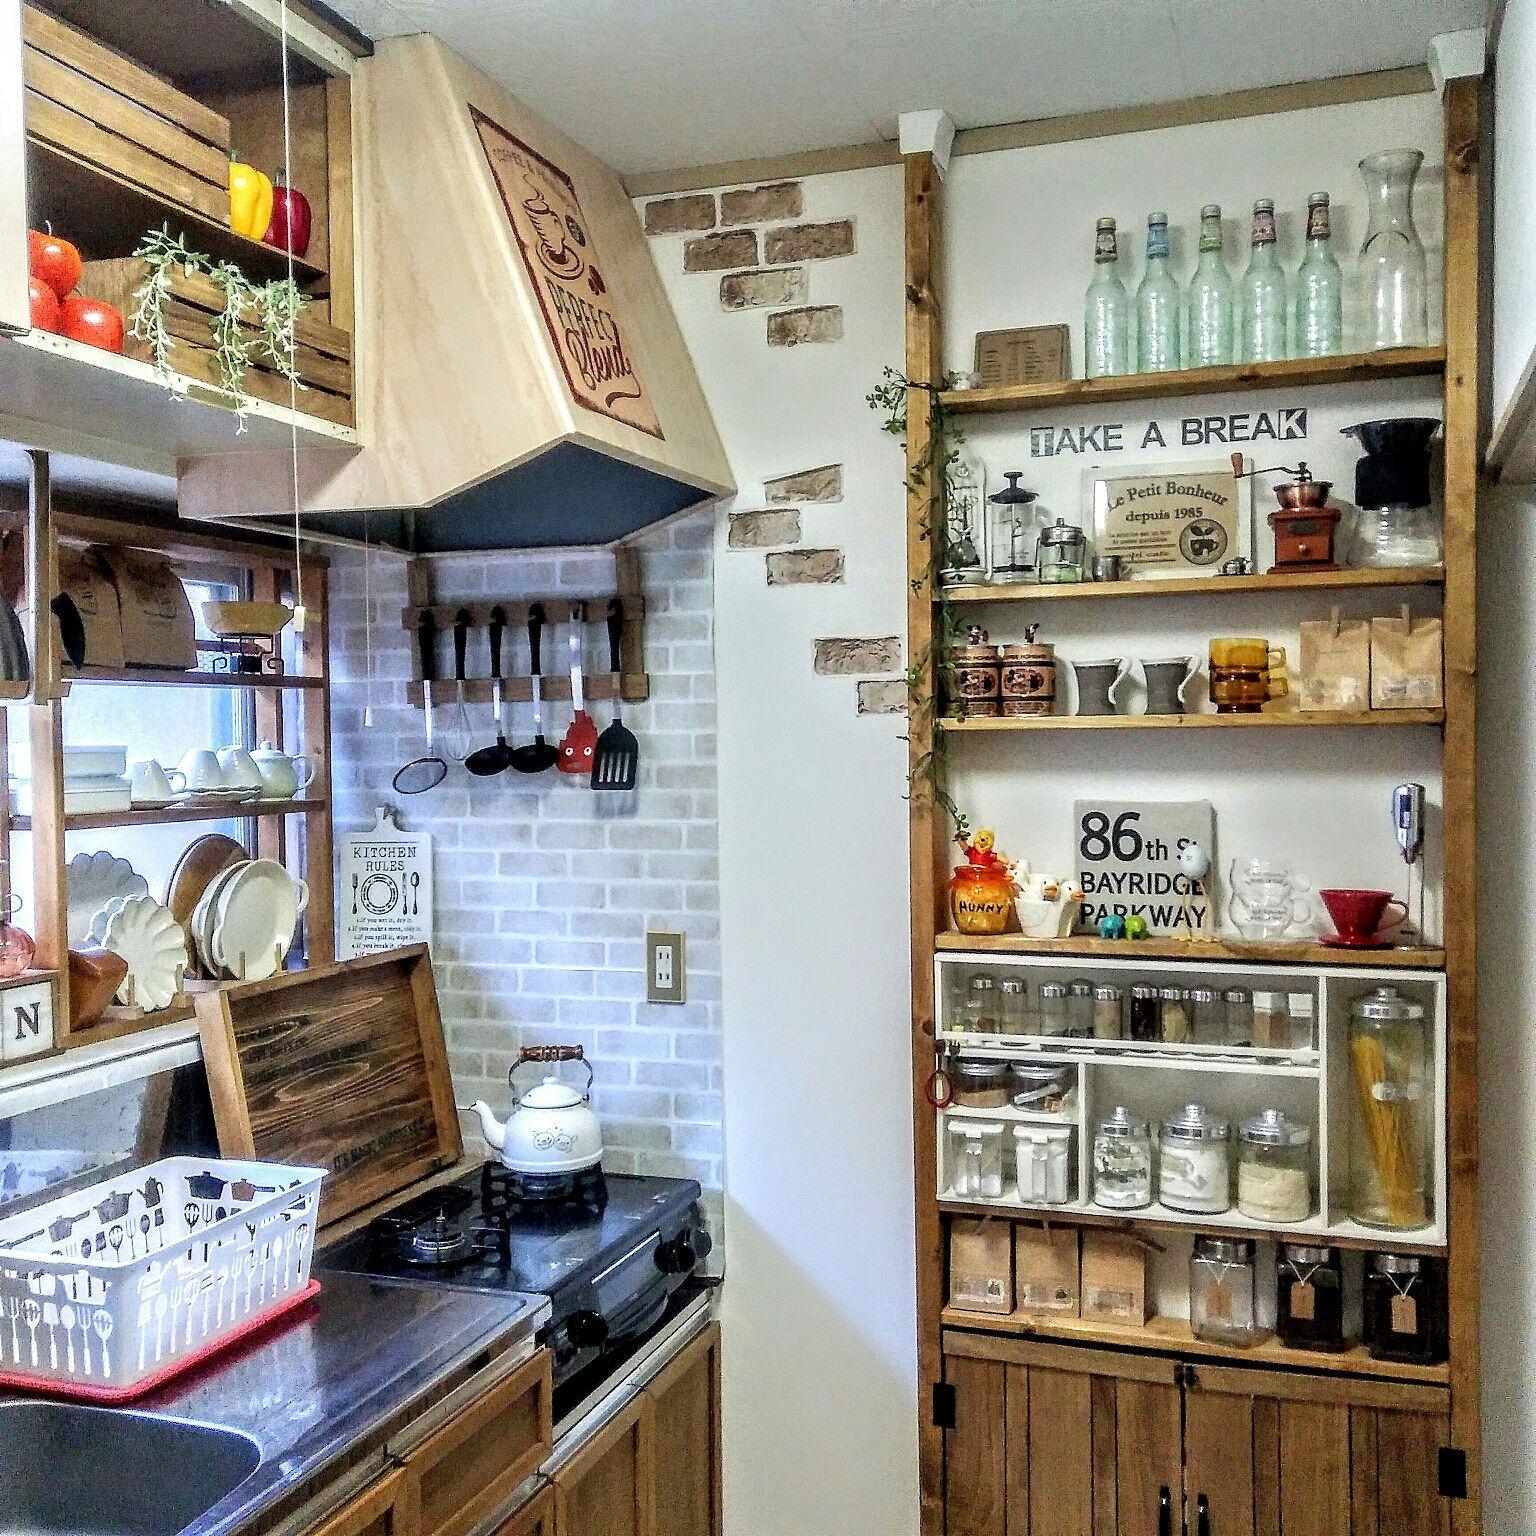 キッチン 2 4 1k 賃貸 賃貸アパート などのインテリア実例 2017 11